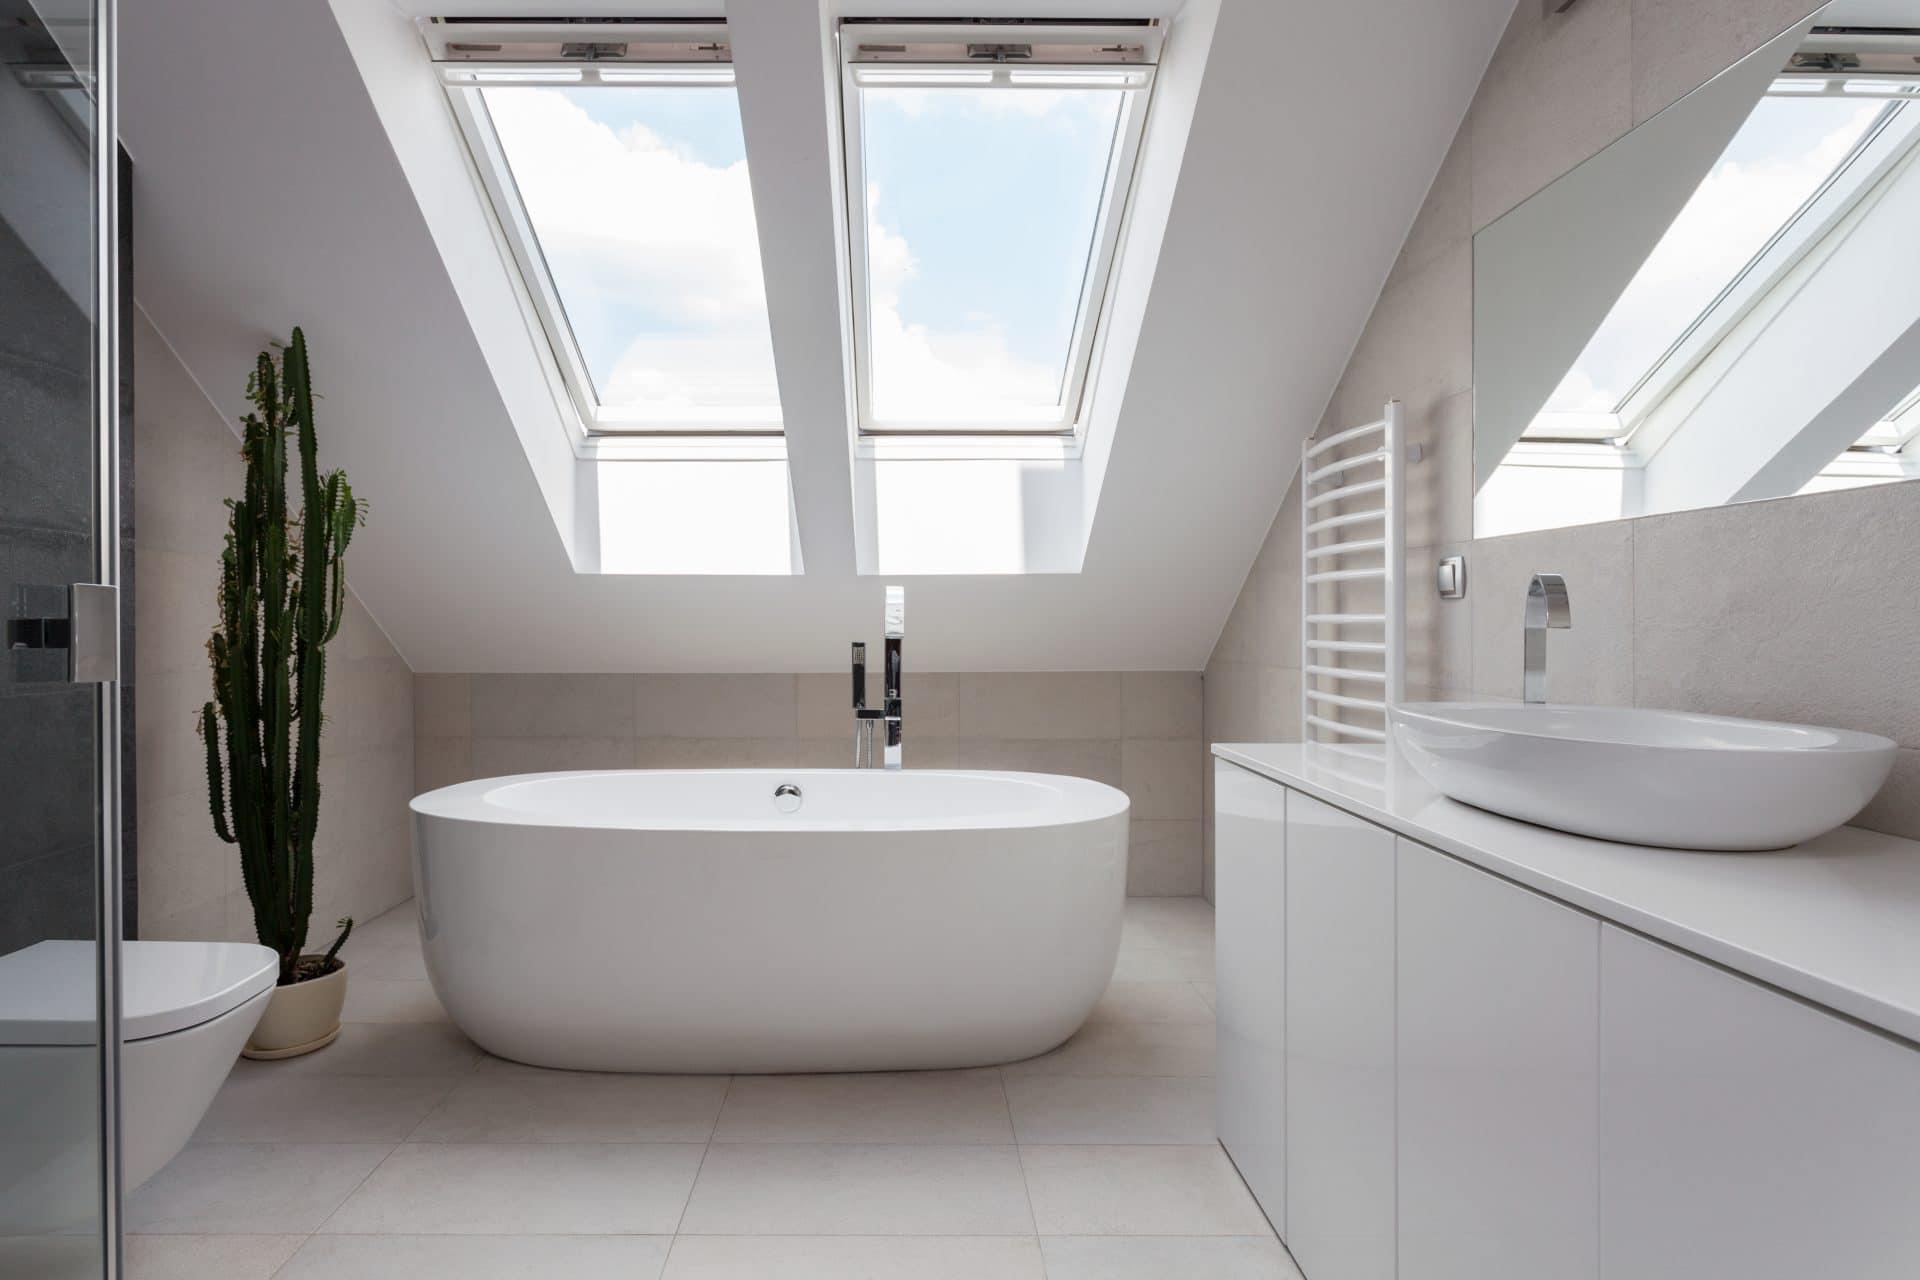 travaux et r novation de salle de bain lille 59. Black Bedroom Furniture Sets. Home Design Ideas